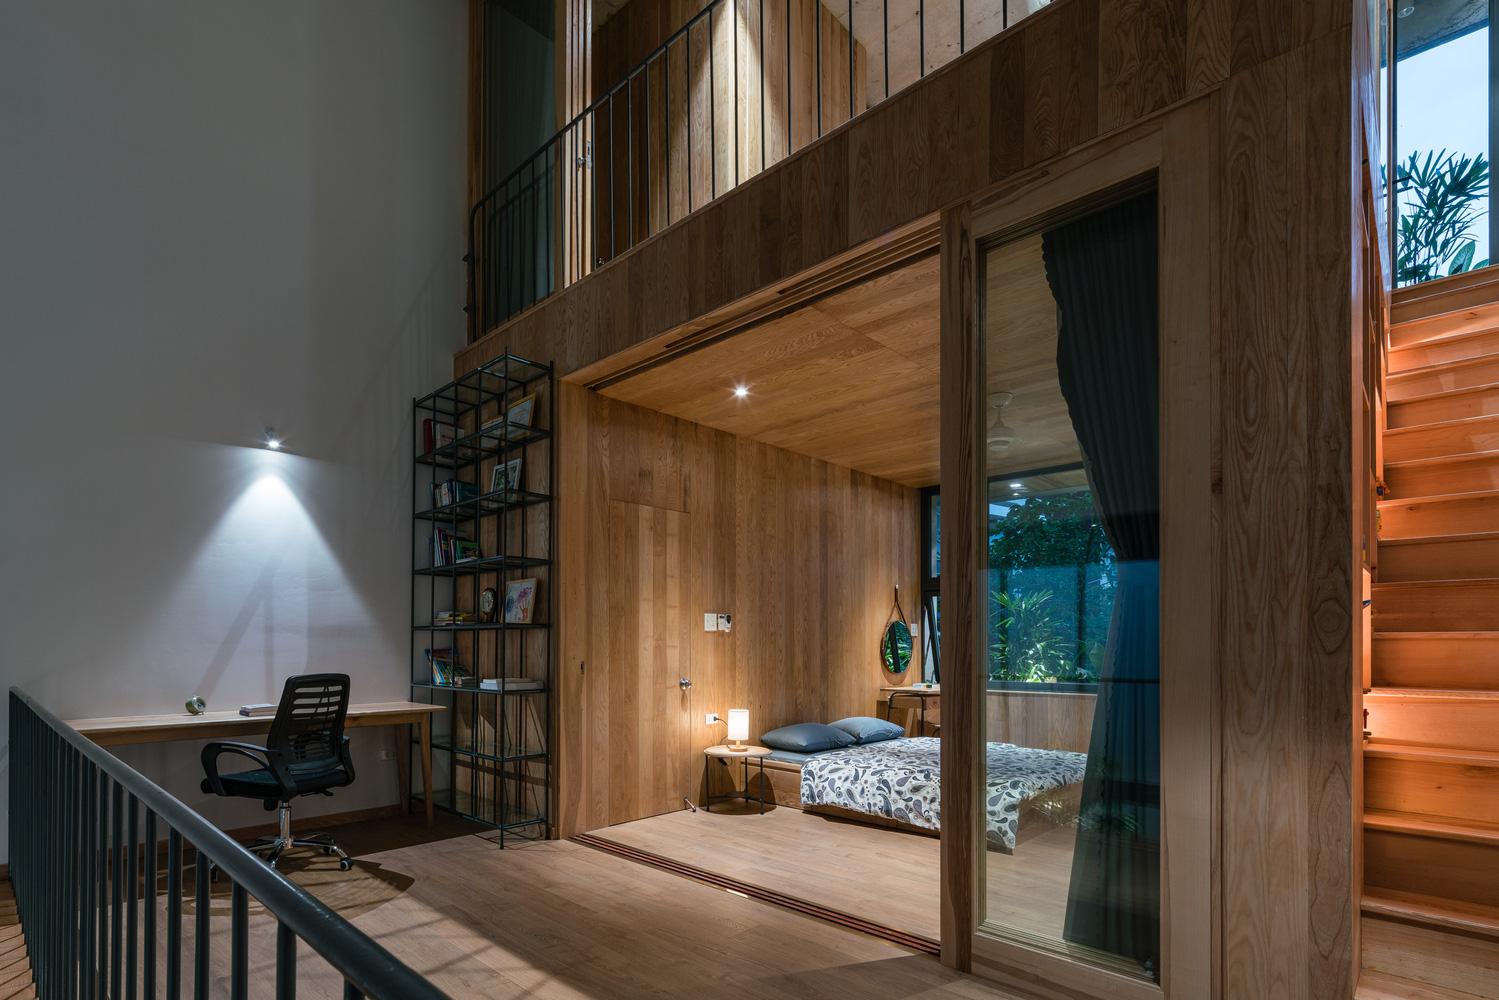 4 ngôi nhà độc đáo của Việt Nam được vinh danh Top 50 công trình đẹp nhất của năm trên tạp chí kiến trúc Mỹ - Ảnh 3.